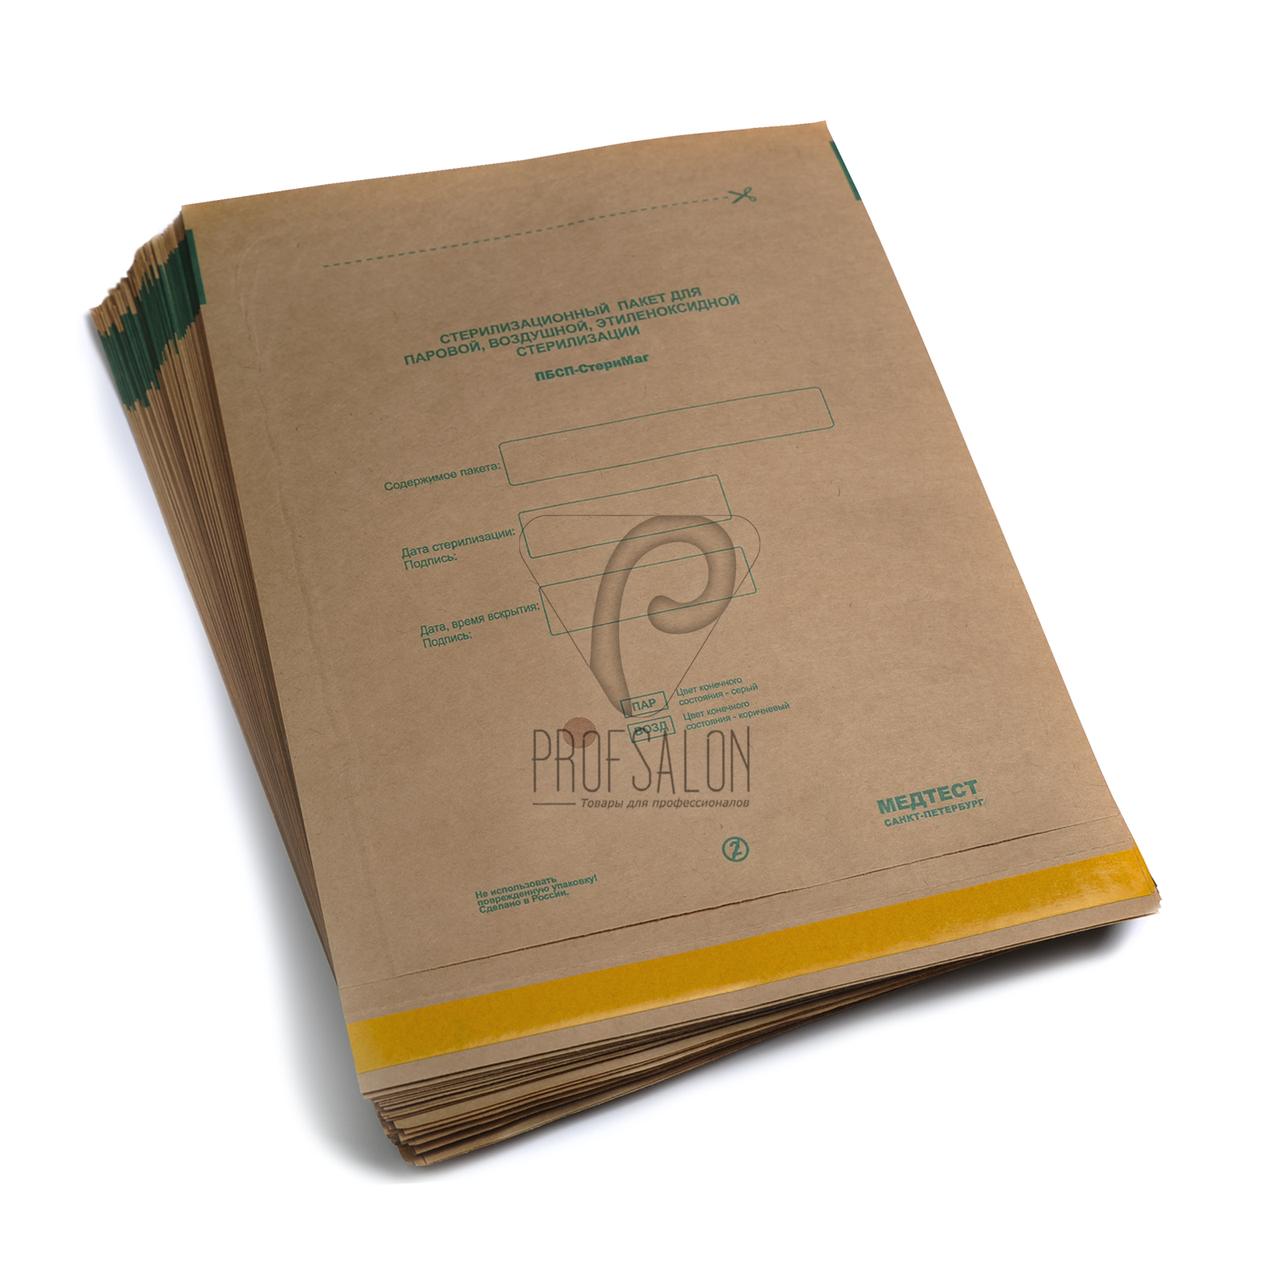 Крафт пакеты для стерилизации 230х280 Медтест, применяются для-паровой, воздушной, этиленоксидной 100 шт